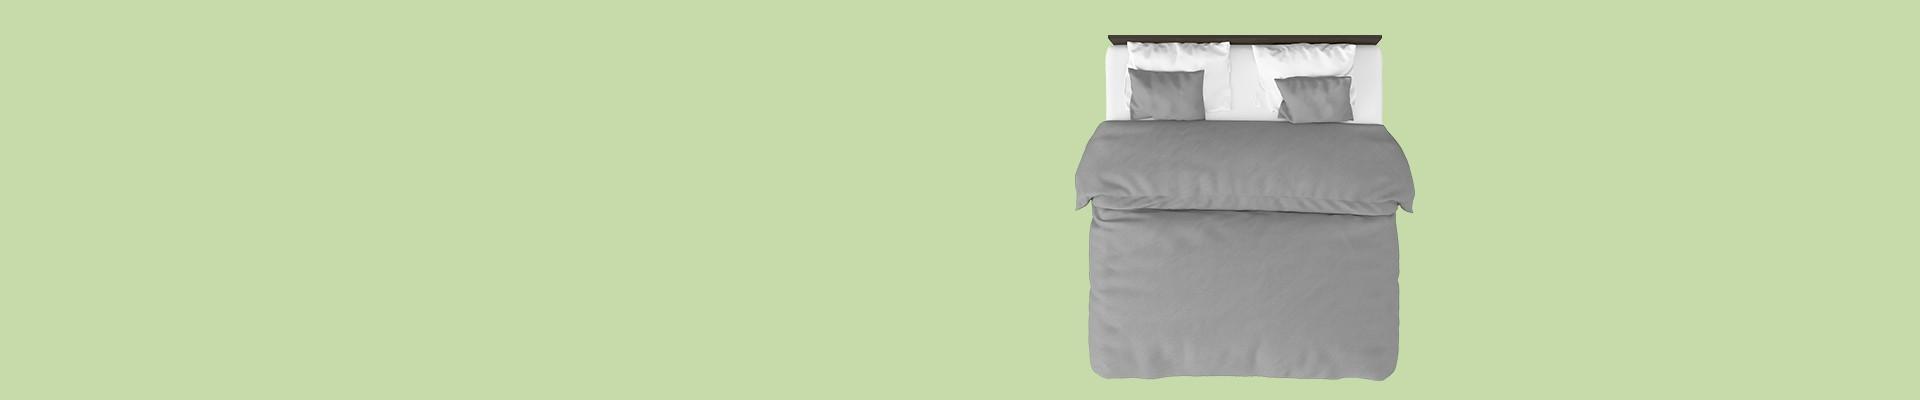 Jual Peralatan Kamar Tidur